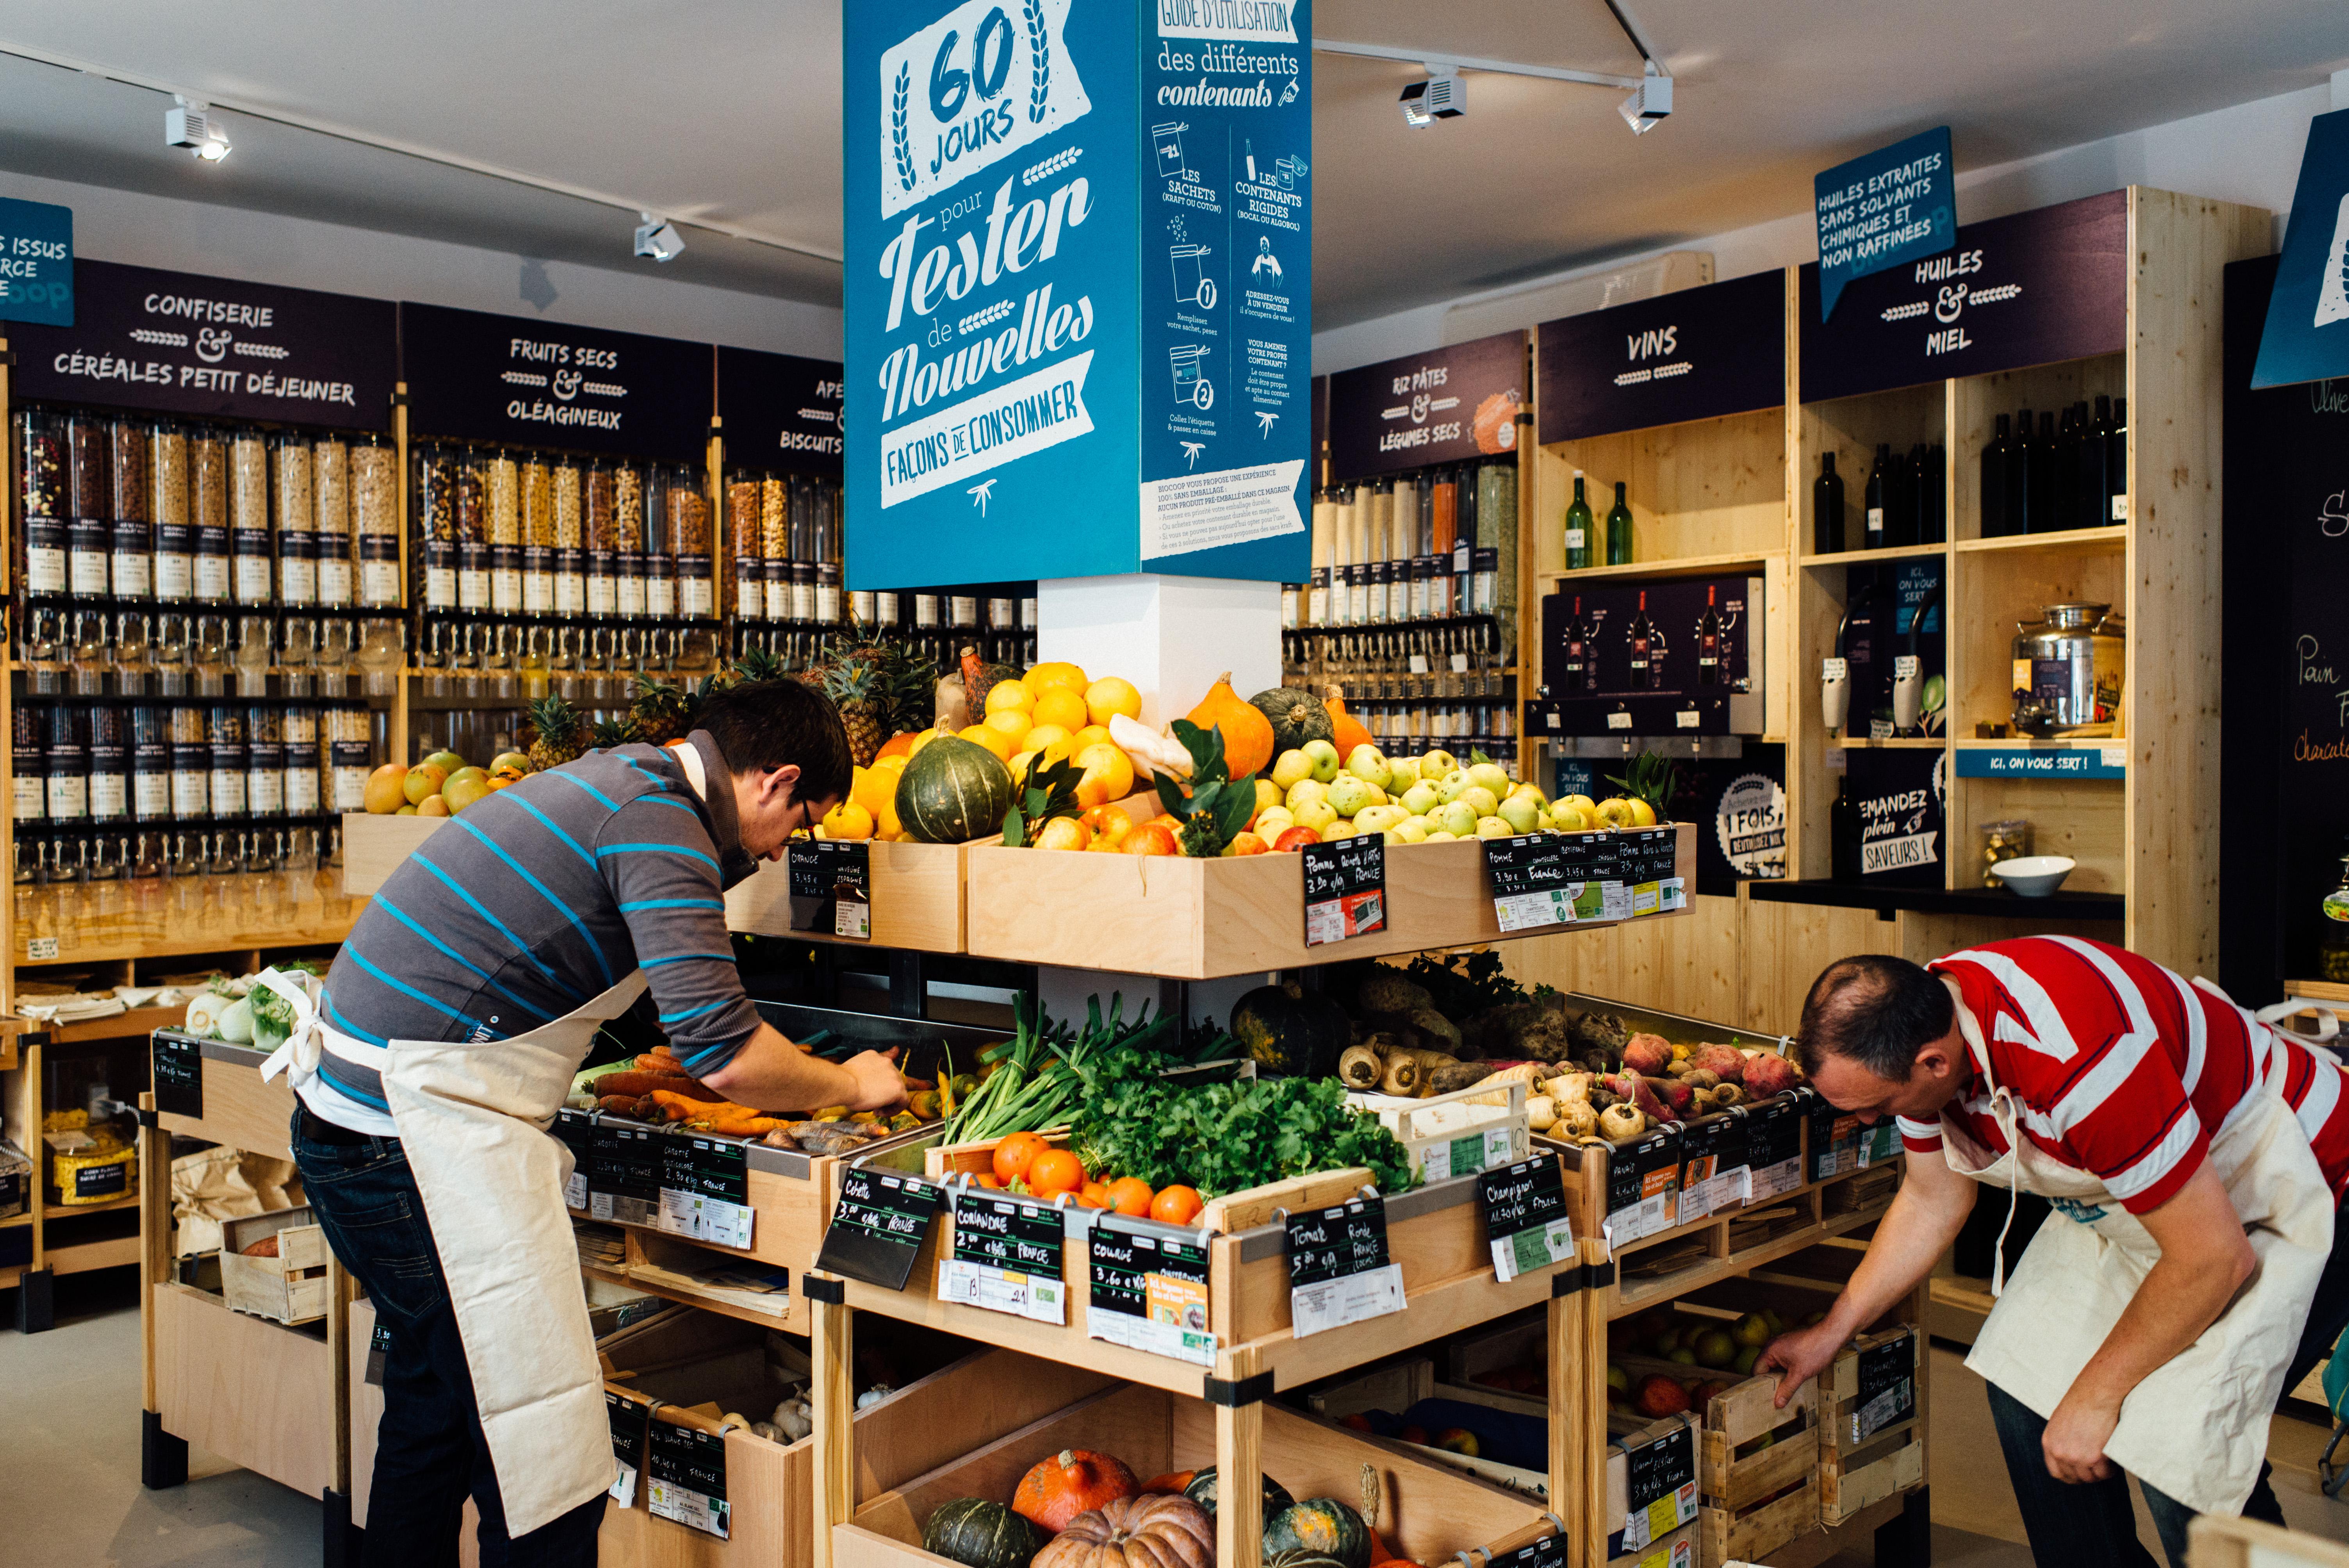 le 13 novembre 2015, à l'occasion de la coop 21 les magasins biocoop ont ouvert un magasin ephèmere ou les emballages sont proscrits, paris (75).